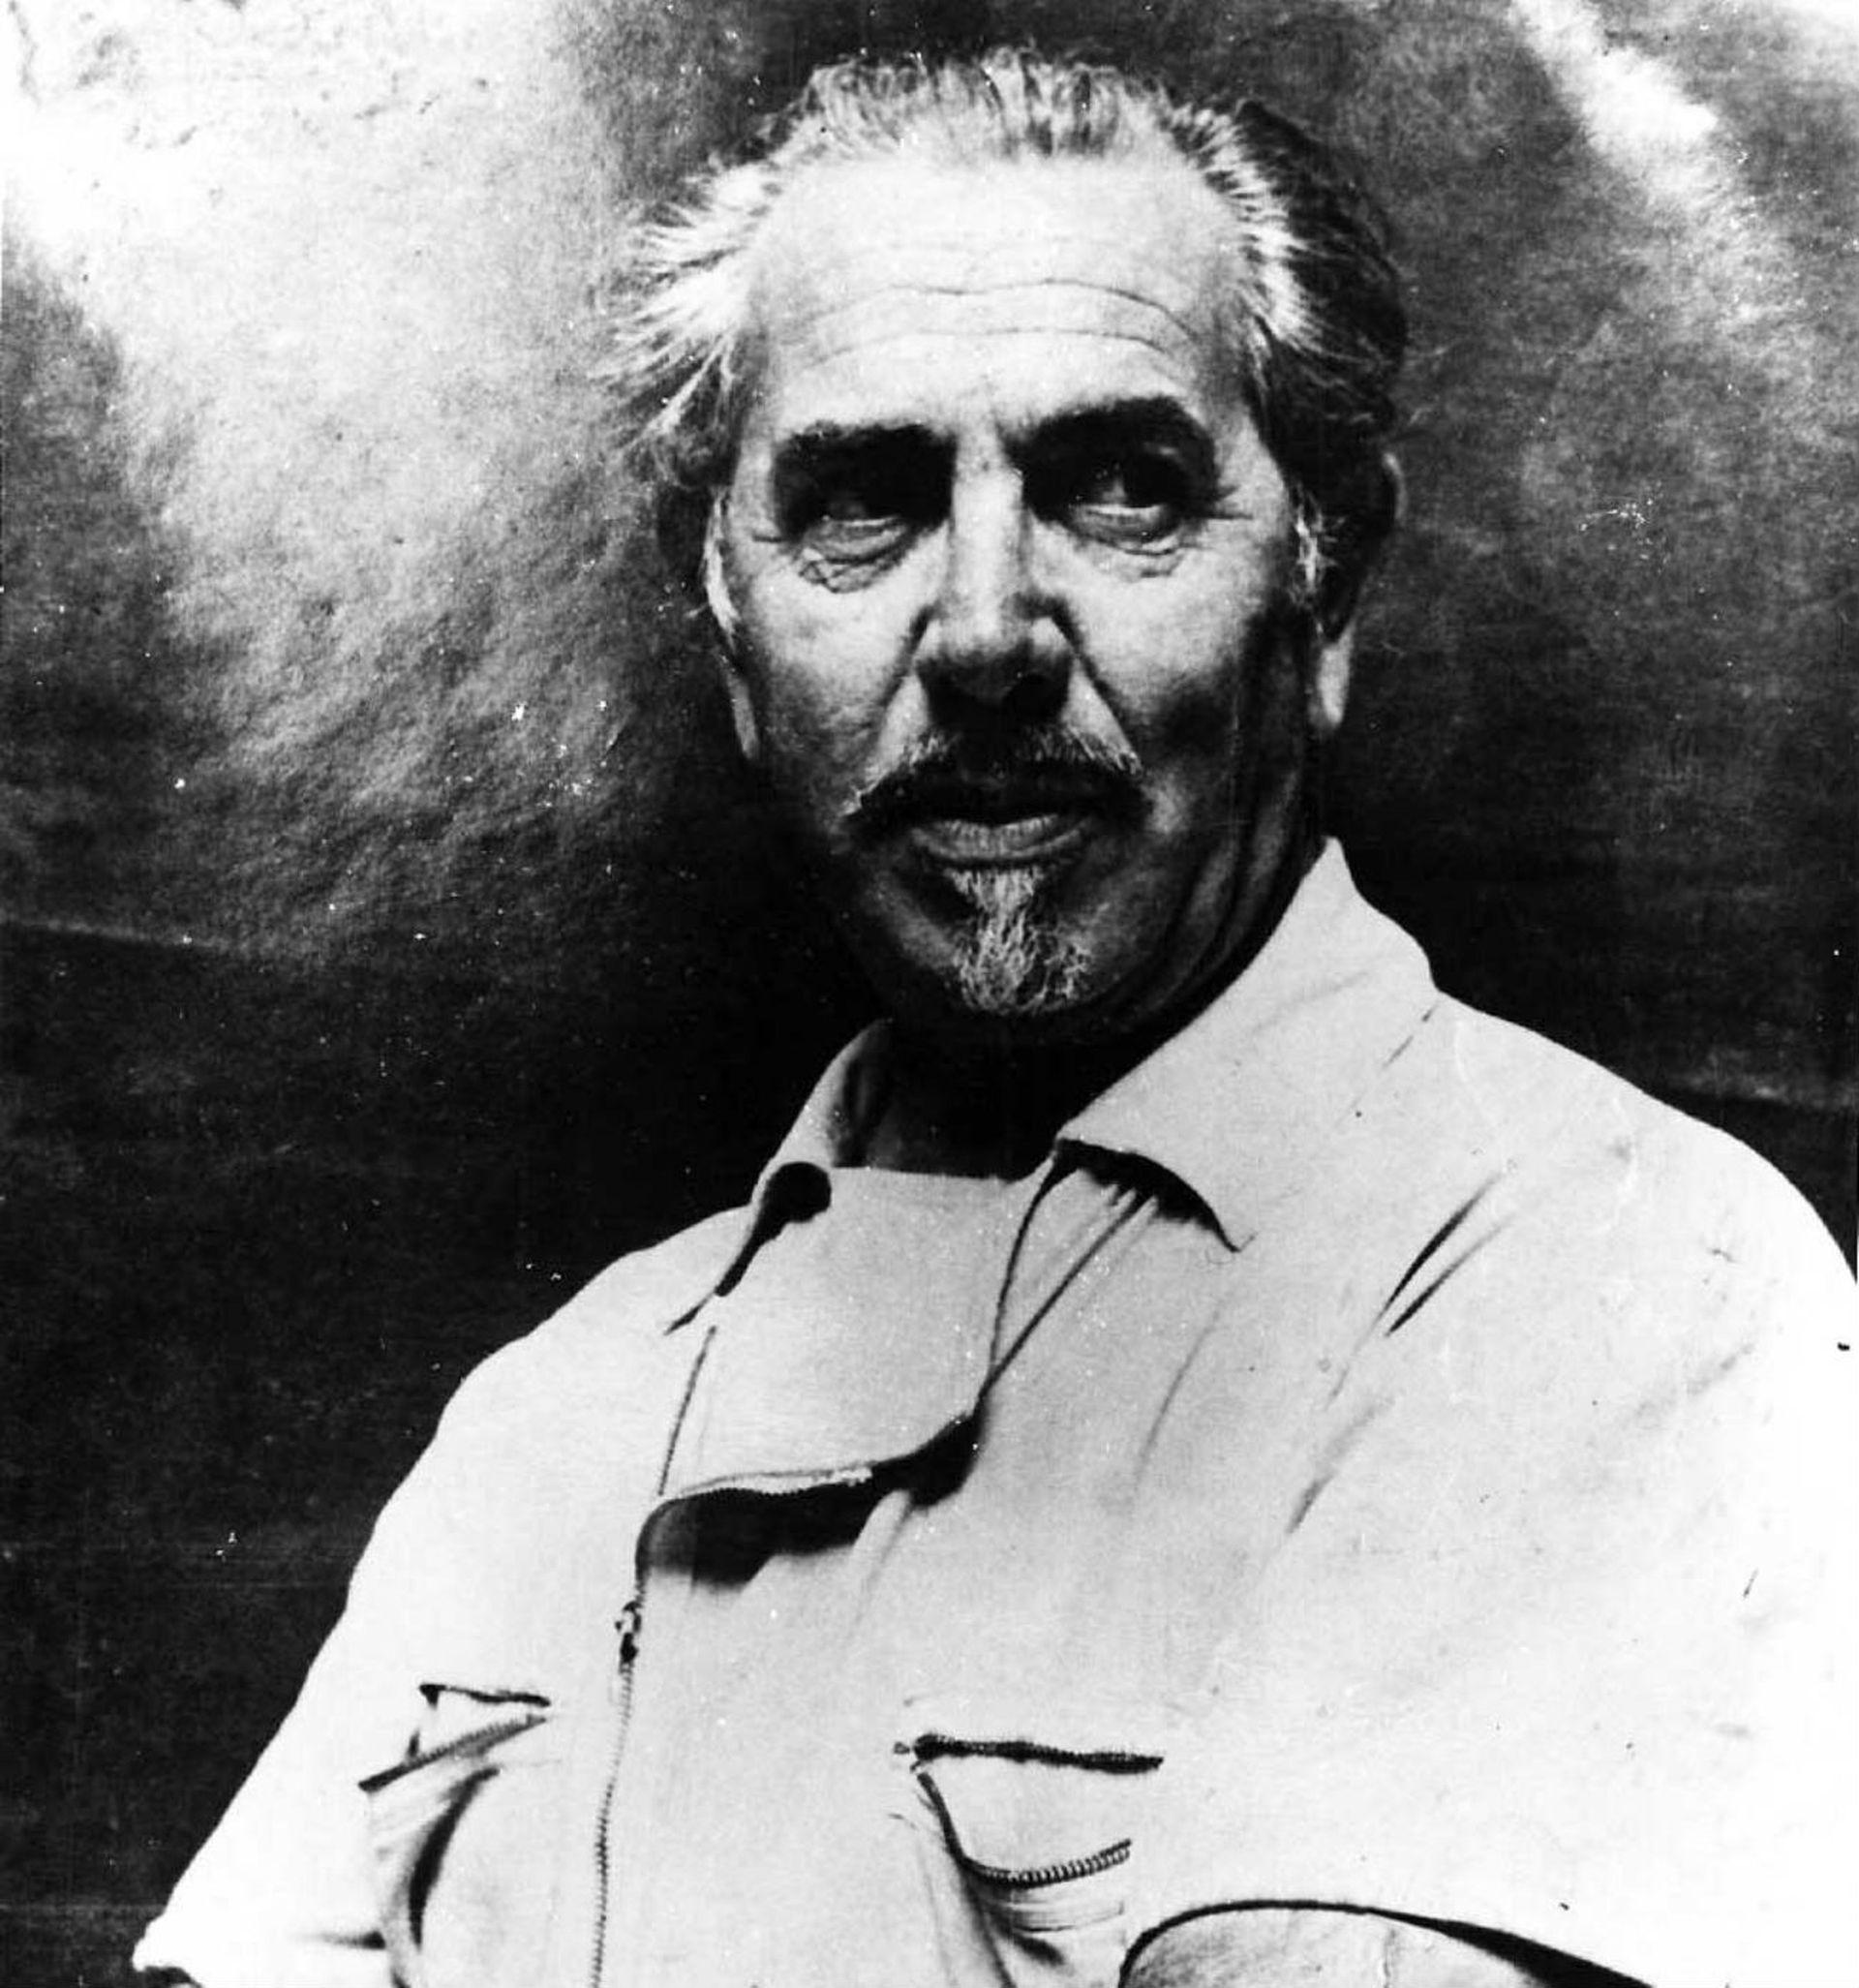 El arquitecto italiano Leone Tommasi esculpía el mármol en un taller de su país y en otro en San Isidro hacía los moldes